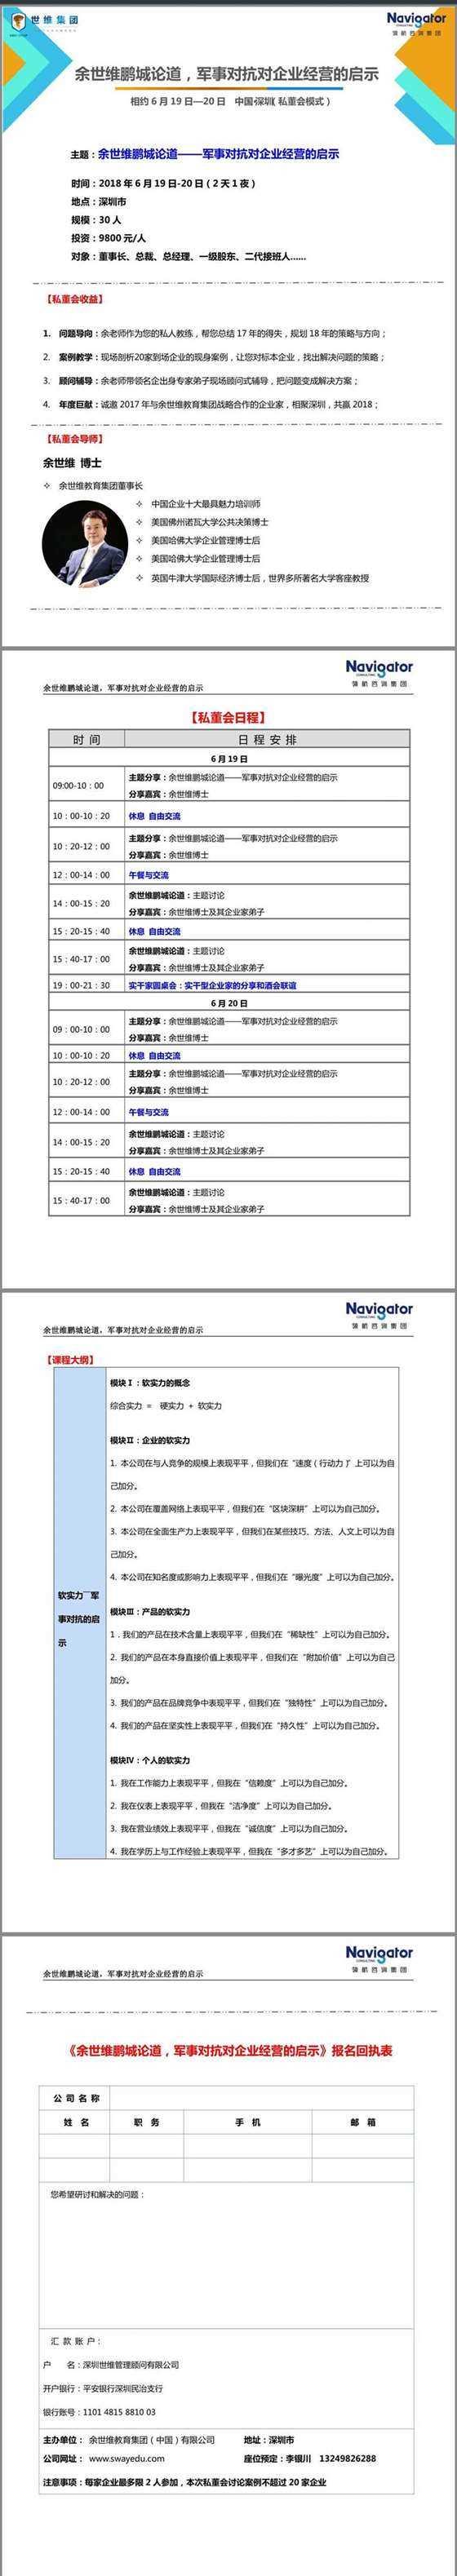 军事软实力私董会详细课件6.19JDP.png